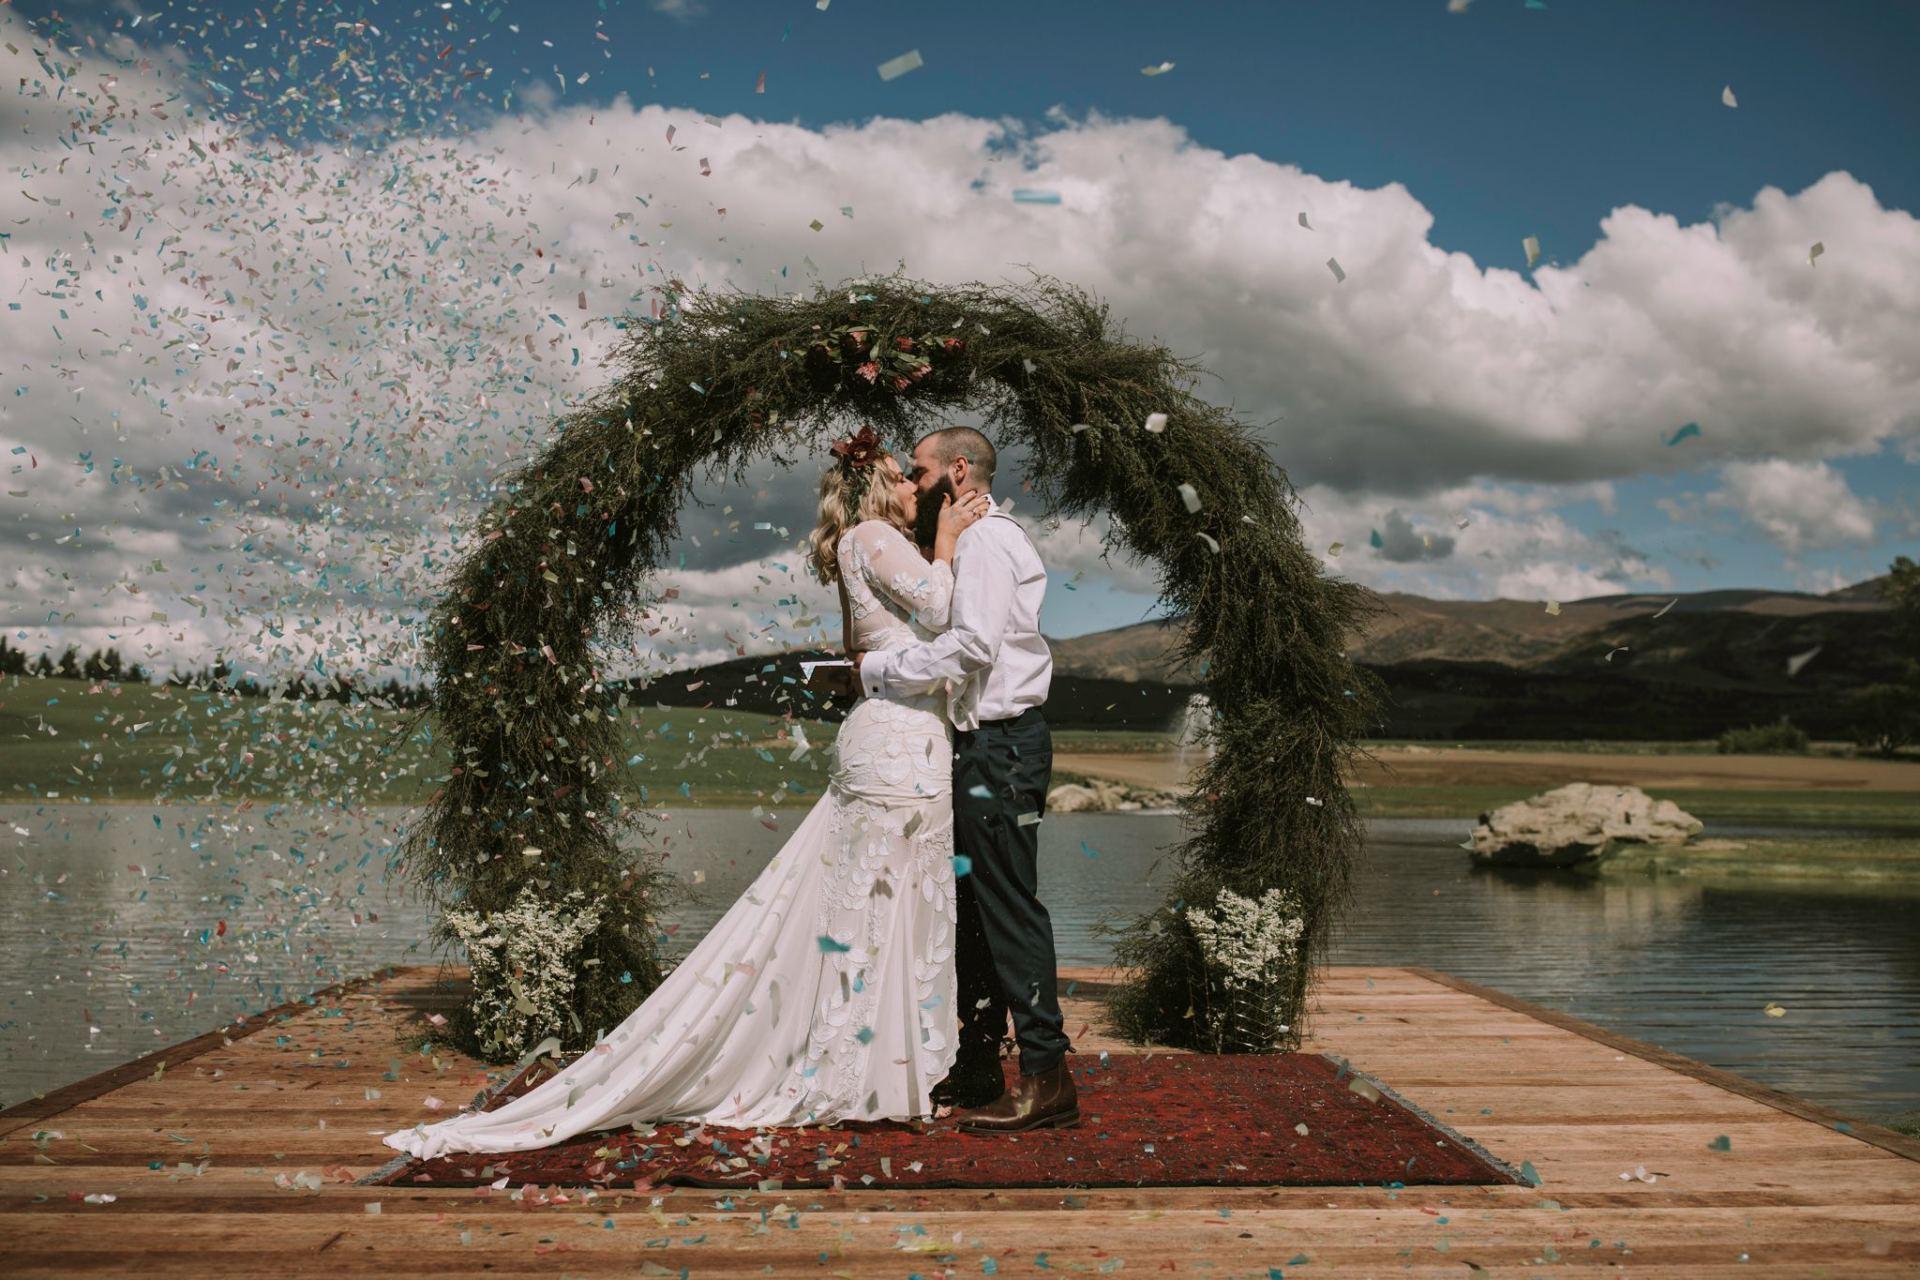 corbridge_wanaka_wedding_queenstown_ photographer